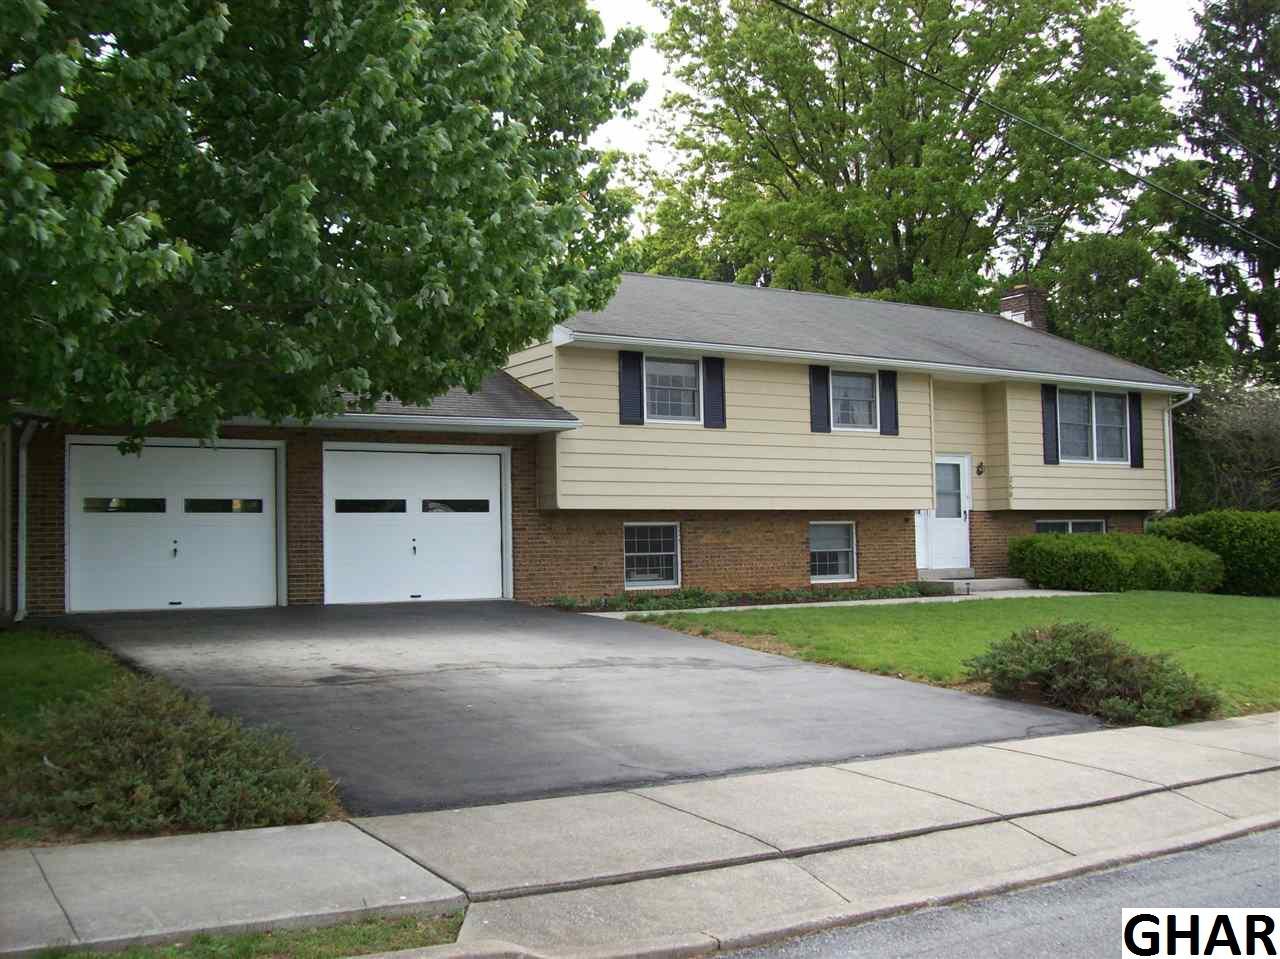 Real Estate for Sale, ListingId: 33307470, Cleona,PA17042